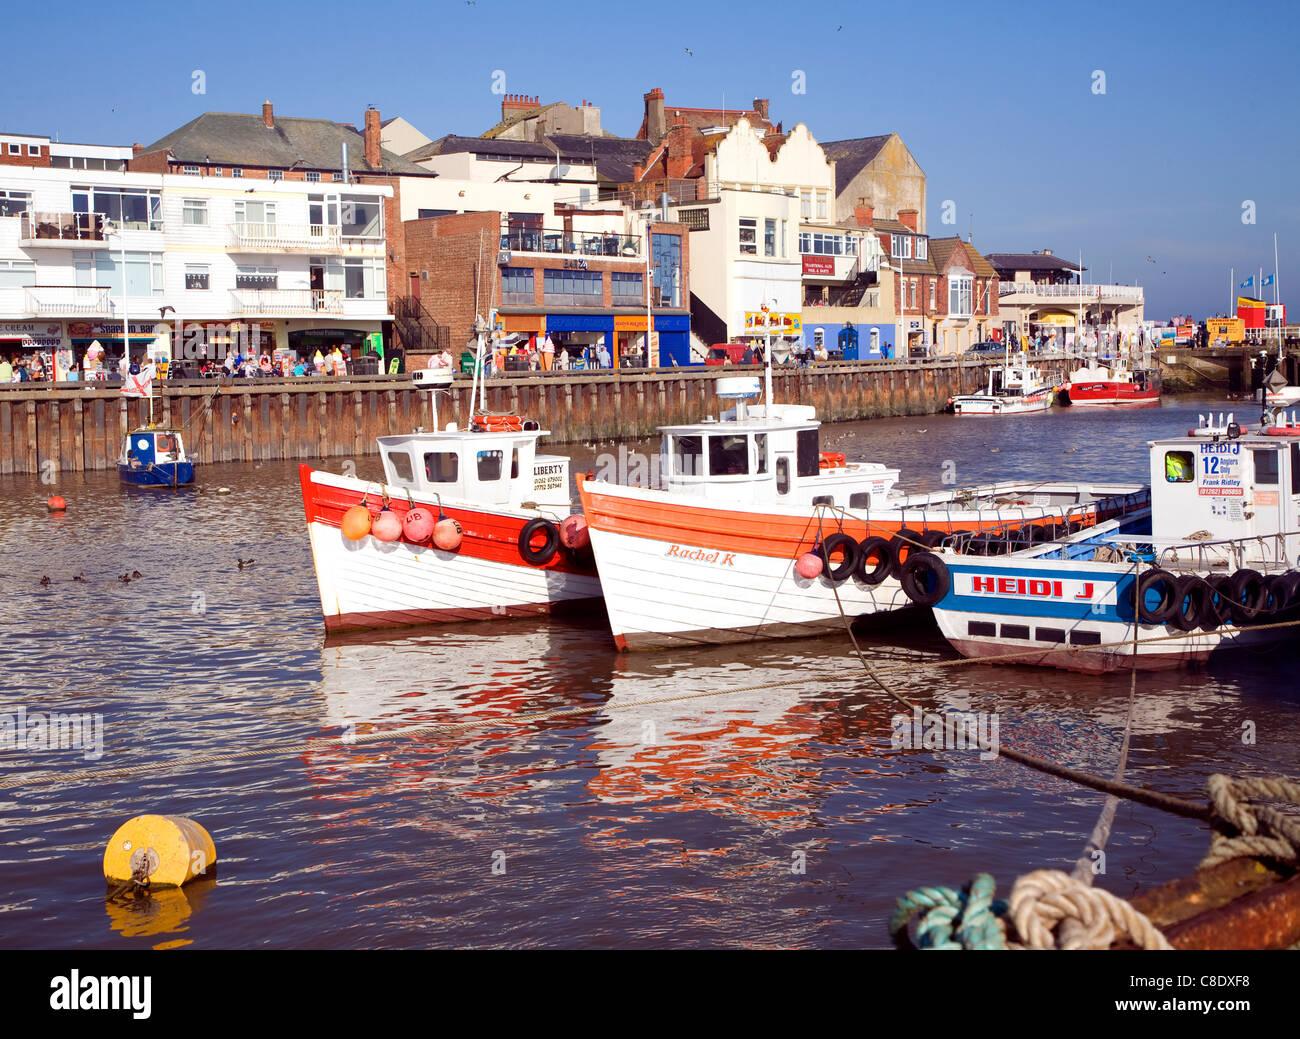 Los barcos de pesca en el puerto en Bridlington, Yorkshire, Inglaterra Foto de stock